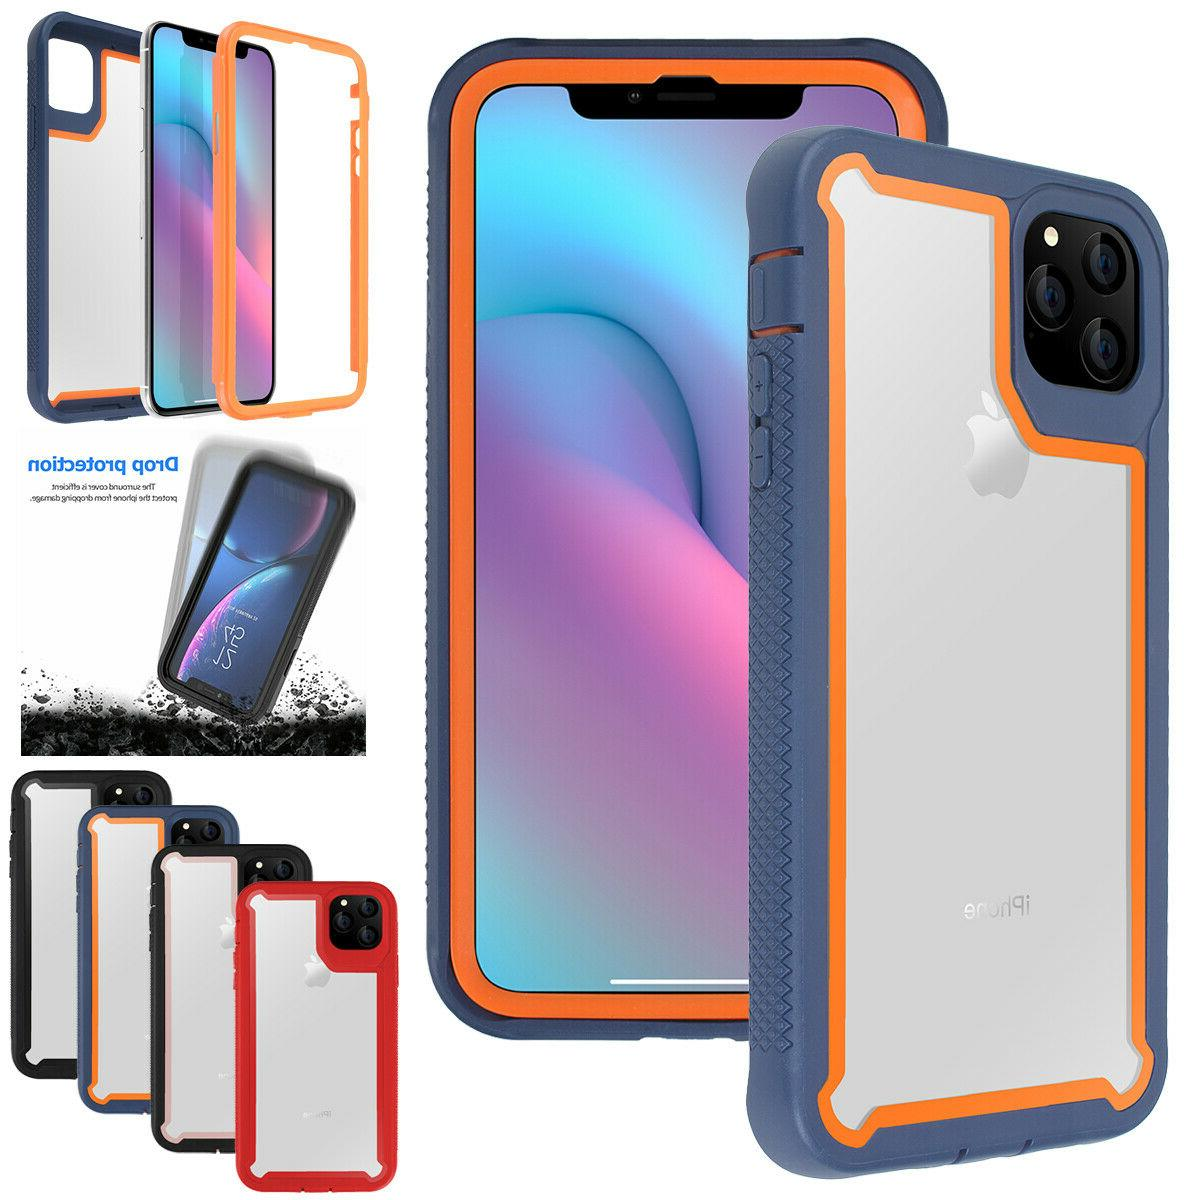 iphone 11 pro max 2019 case